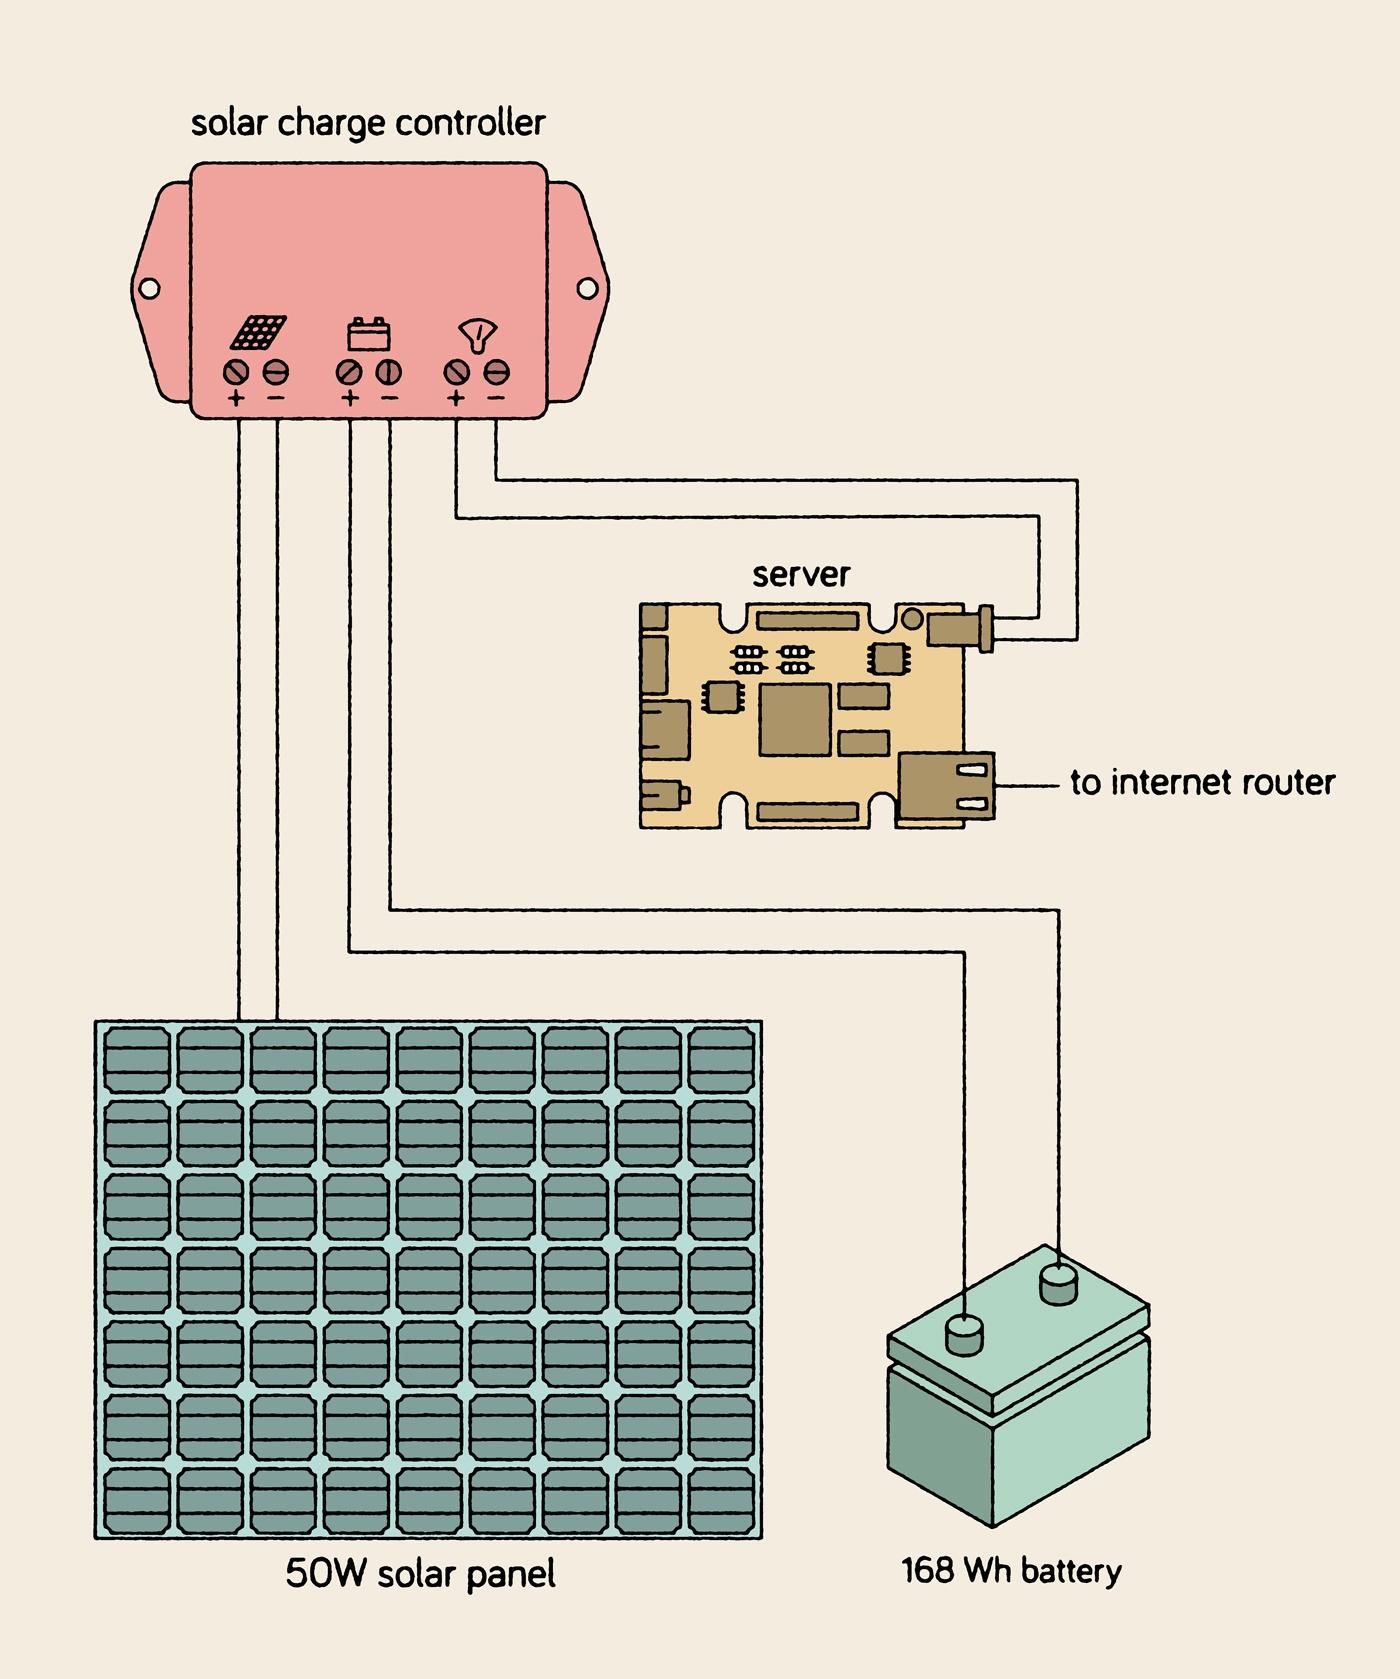 Самые необычные виды хостинга: домашний компьютер, Raspberry Pi и чужие серверы - 6